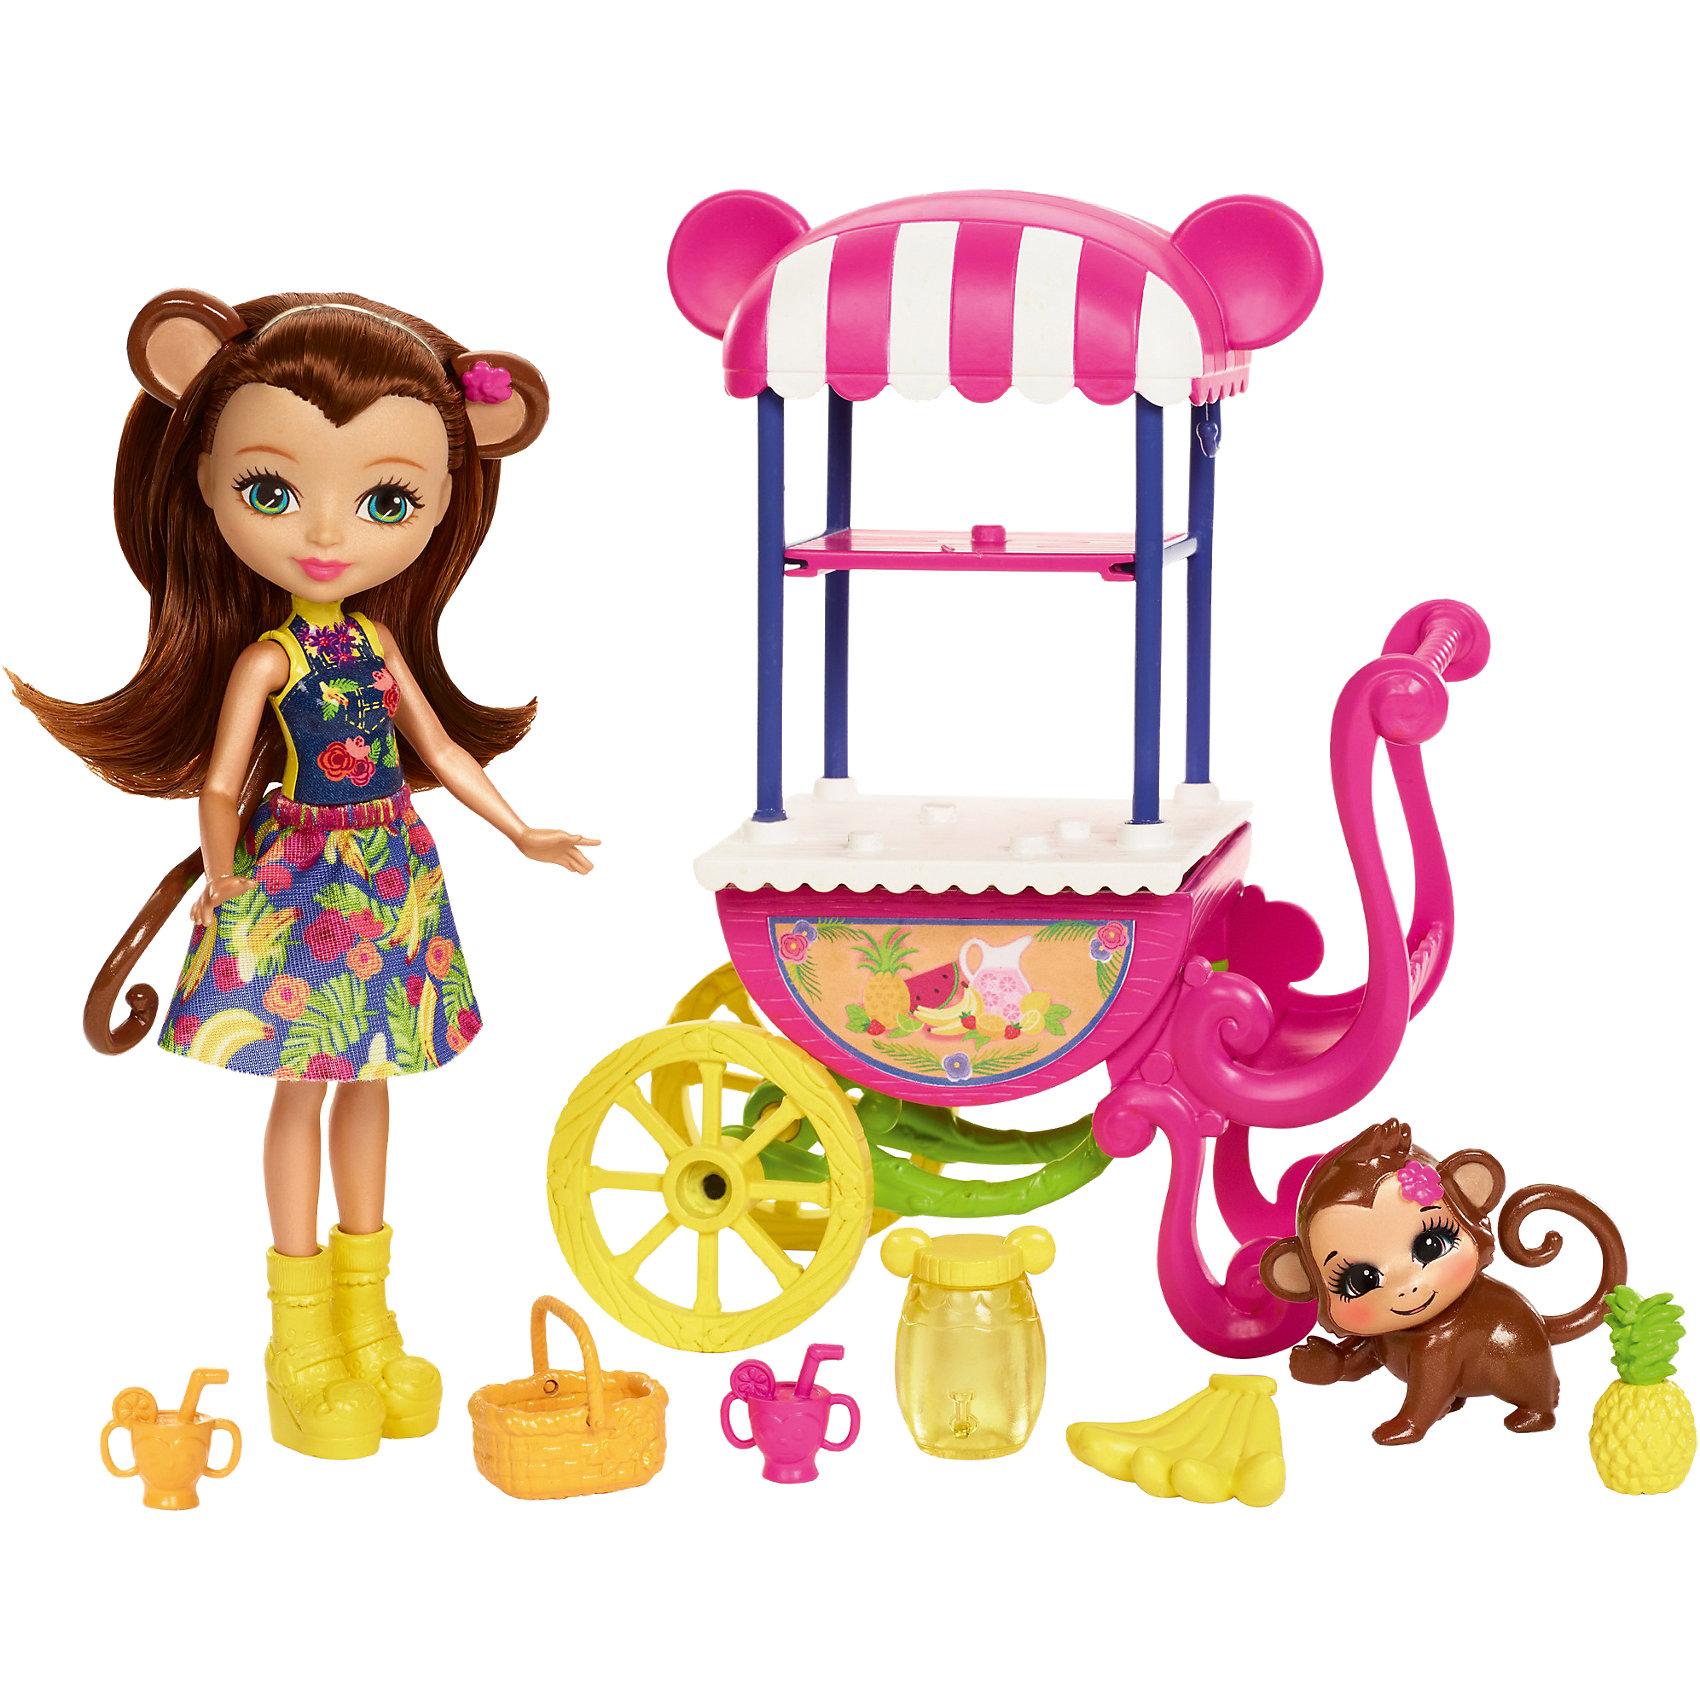 Кукла Enchantimals Мерит Мартыша с тележкой для фруктовМини-куклы<br>Характеристики товара:<br><br>• возраст: от 3 лет;<br>• пол: девочка;  <br>• высота куклы: 15 см;<br>• в комплекте : кукла, питомец и аксессуары; <br>• подвижные руки, ноги и голова кукол;<br>• мягкие волосы, которые можно расчесывать;                                         <br>• страна-производитель: Индонезия;                                    <br>• размер упаковки: 5,5х10х32,5 см.<br><br>Новинка от Mattel!!!<br>Перед вами замечательный набор, с которым можно будет придумать массу увлекательных историй и долго весело играть.<br><br>У Мерит прекрасные волосы с ободком и звериными ушкам, которые добавляют необычность кукле. На ней надето красочное платьице и желтые сапожки. Куколка со своим питомцем решила угостить жителей зачарованного леса соками. Для этого ей понадобится тележка, соковыжималка и фрукты<br><br>Игровой набор «Фруктовая корзинка» можно купить в нашем интернет-магазине.<br><br>Ширина мм: 280<br>Глубина мм: 216<br>Высота мм: 68<br>Вес г: 276<br>Возраст от месяцев: 72<br>Возраст до месяцев: 120<br>Пол: Женский<br>Возраст: Детский<br>SKU: 6739707